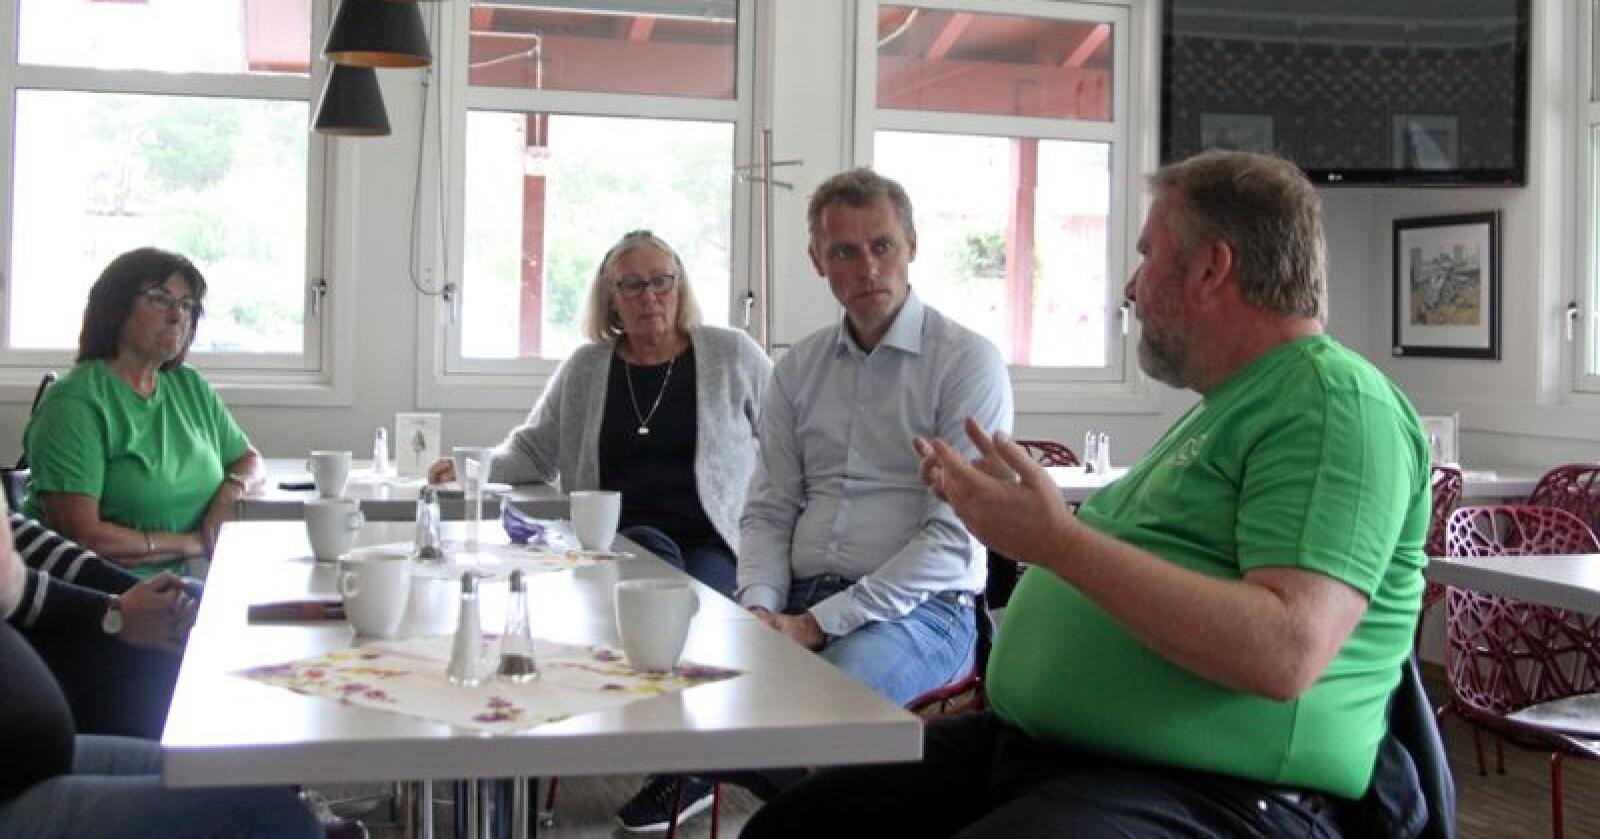 Kari og Ola Borten Moe (Sp) møtte blant andre Dovre-ordfører Oddny Garmo (Sp) og stortingsrepresentant Bengt Fasteraune (Sp) på Dombås lørdag. Foto: Sivert Rossing